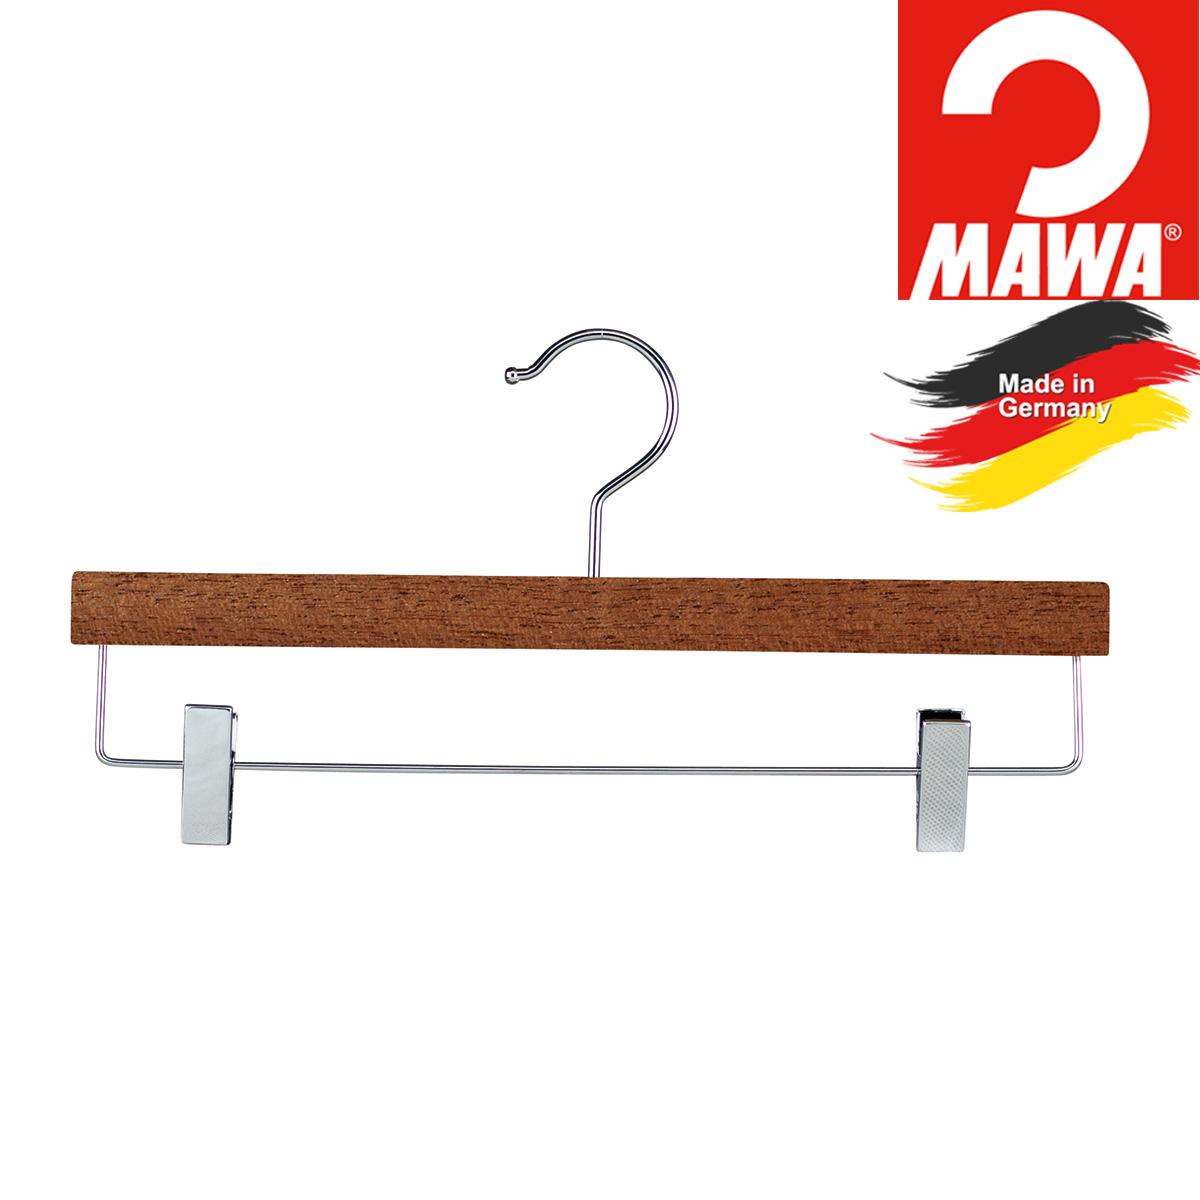 MAWA Hosenkleiderbügel